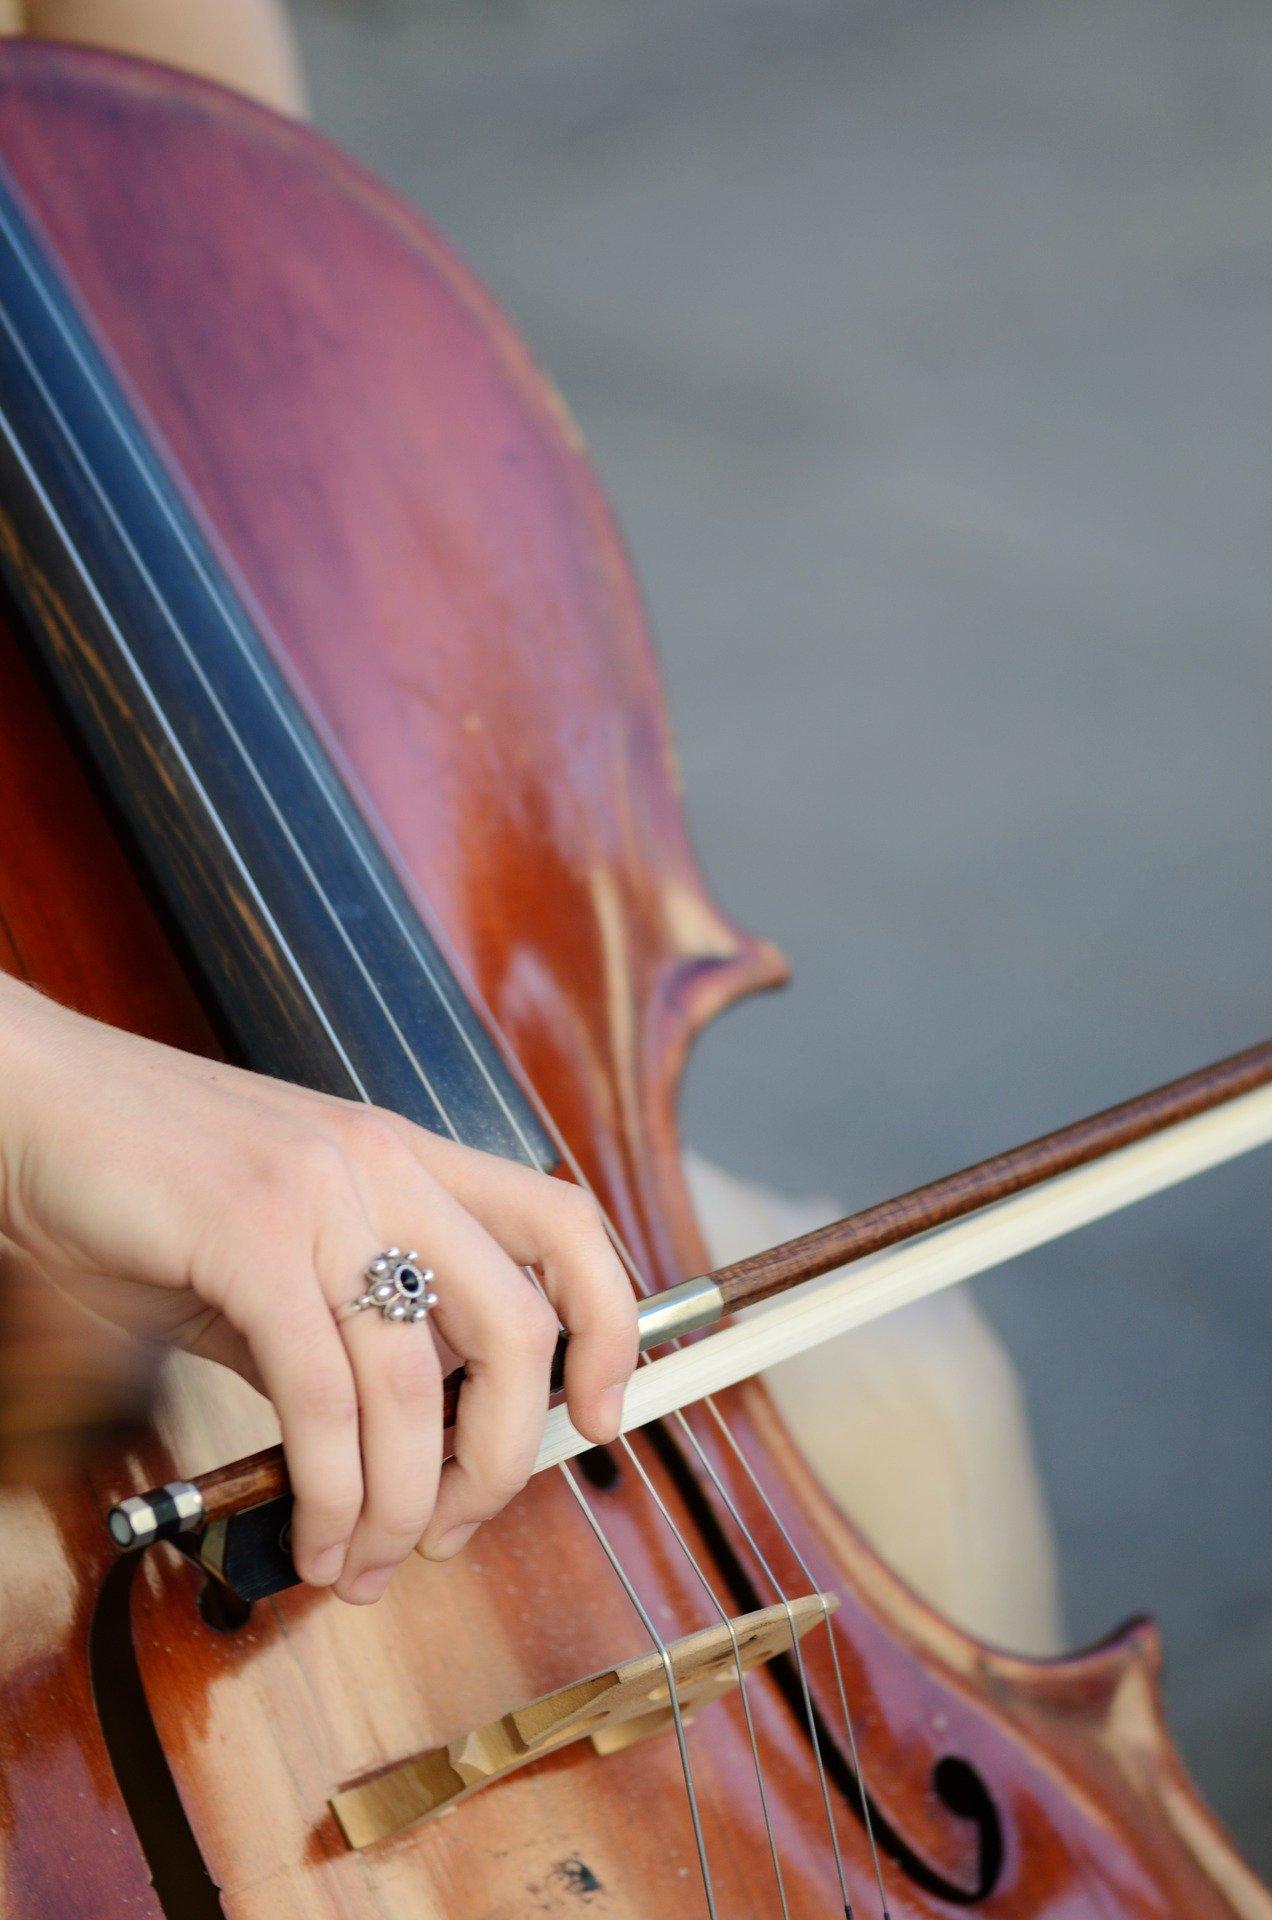 Cello-lessons-near-winchester-ma.jpg